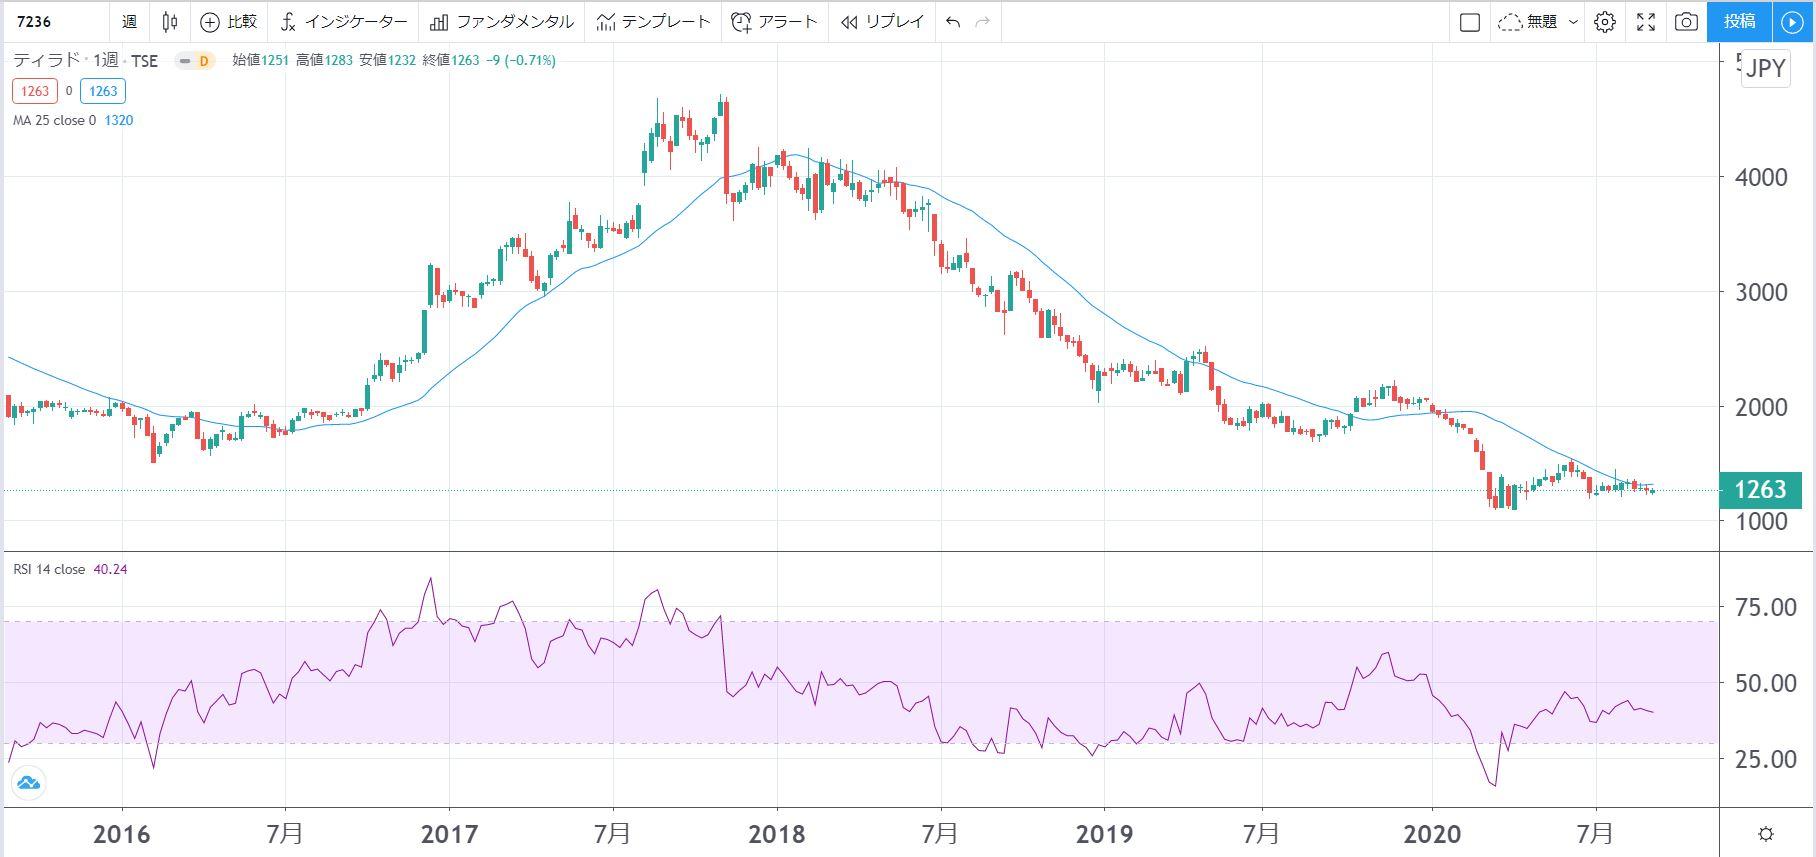 5年株価チャート-ティラド